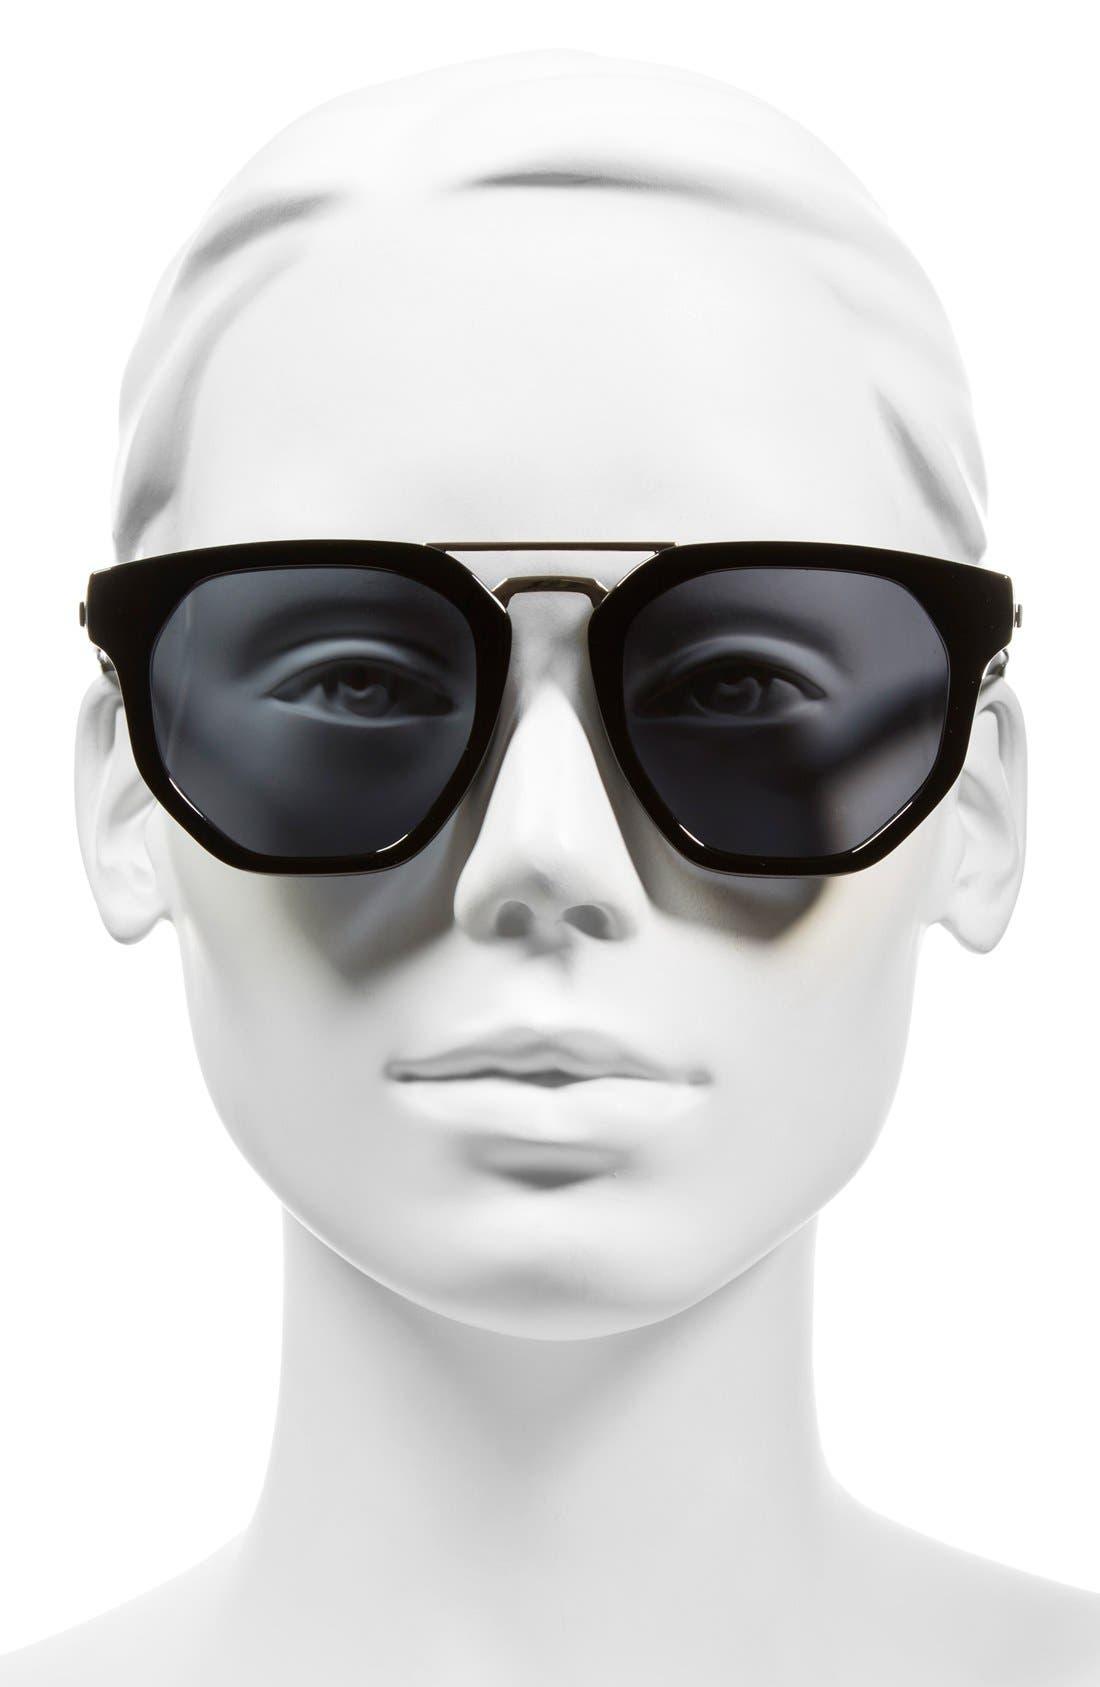 'Thunderdome' 52mm Polarized Sunglasses,                             Alternate thumbnail 2, color,                             001